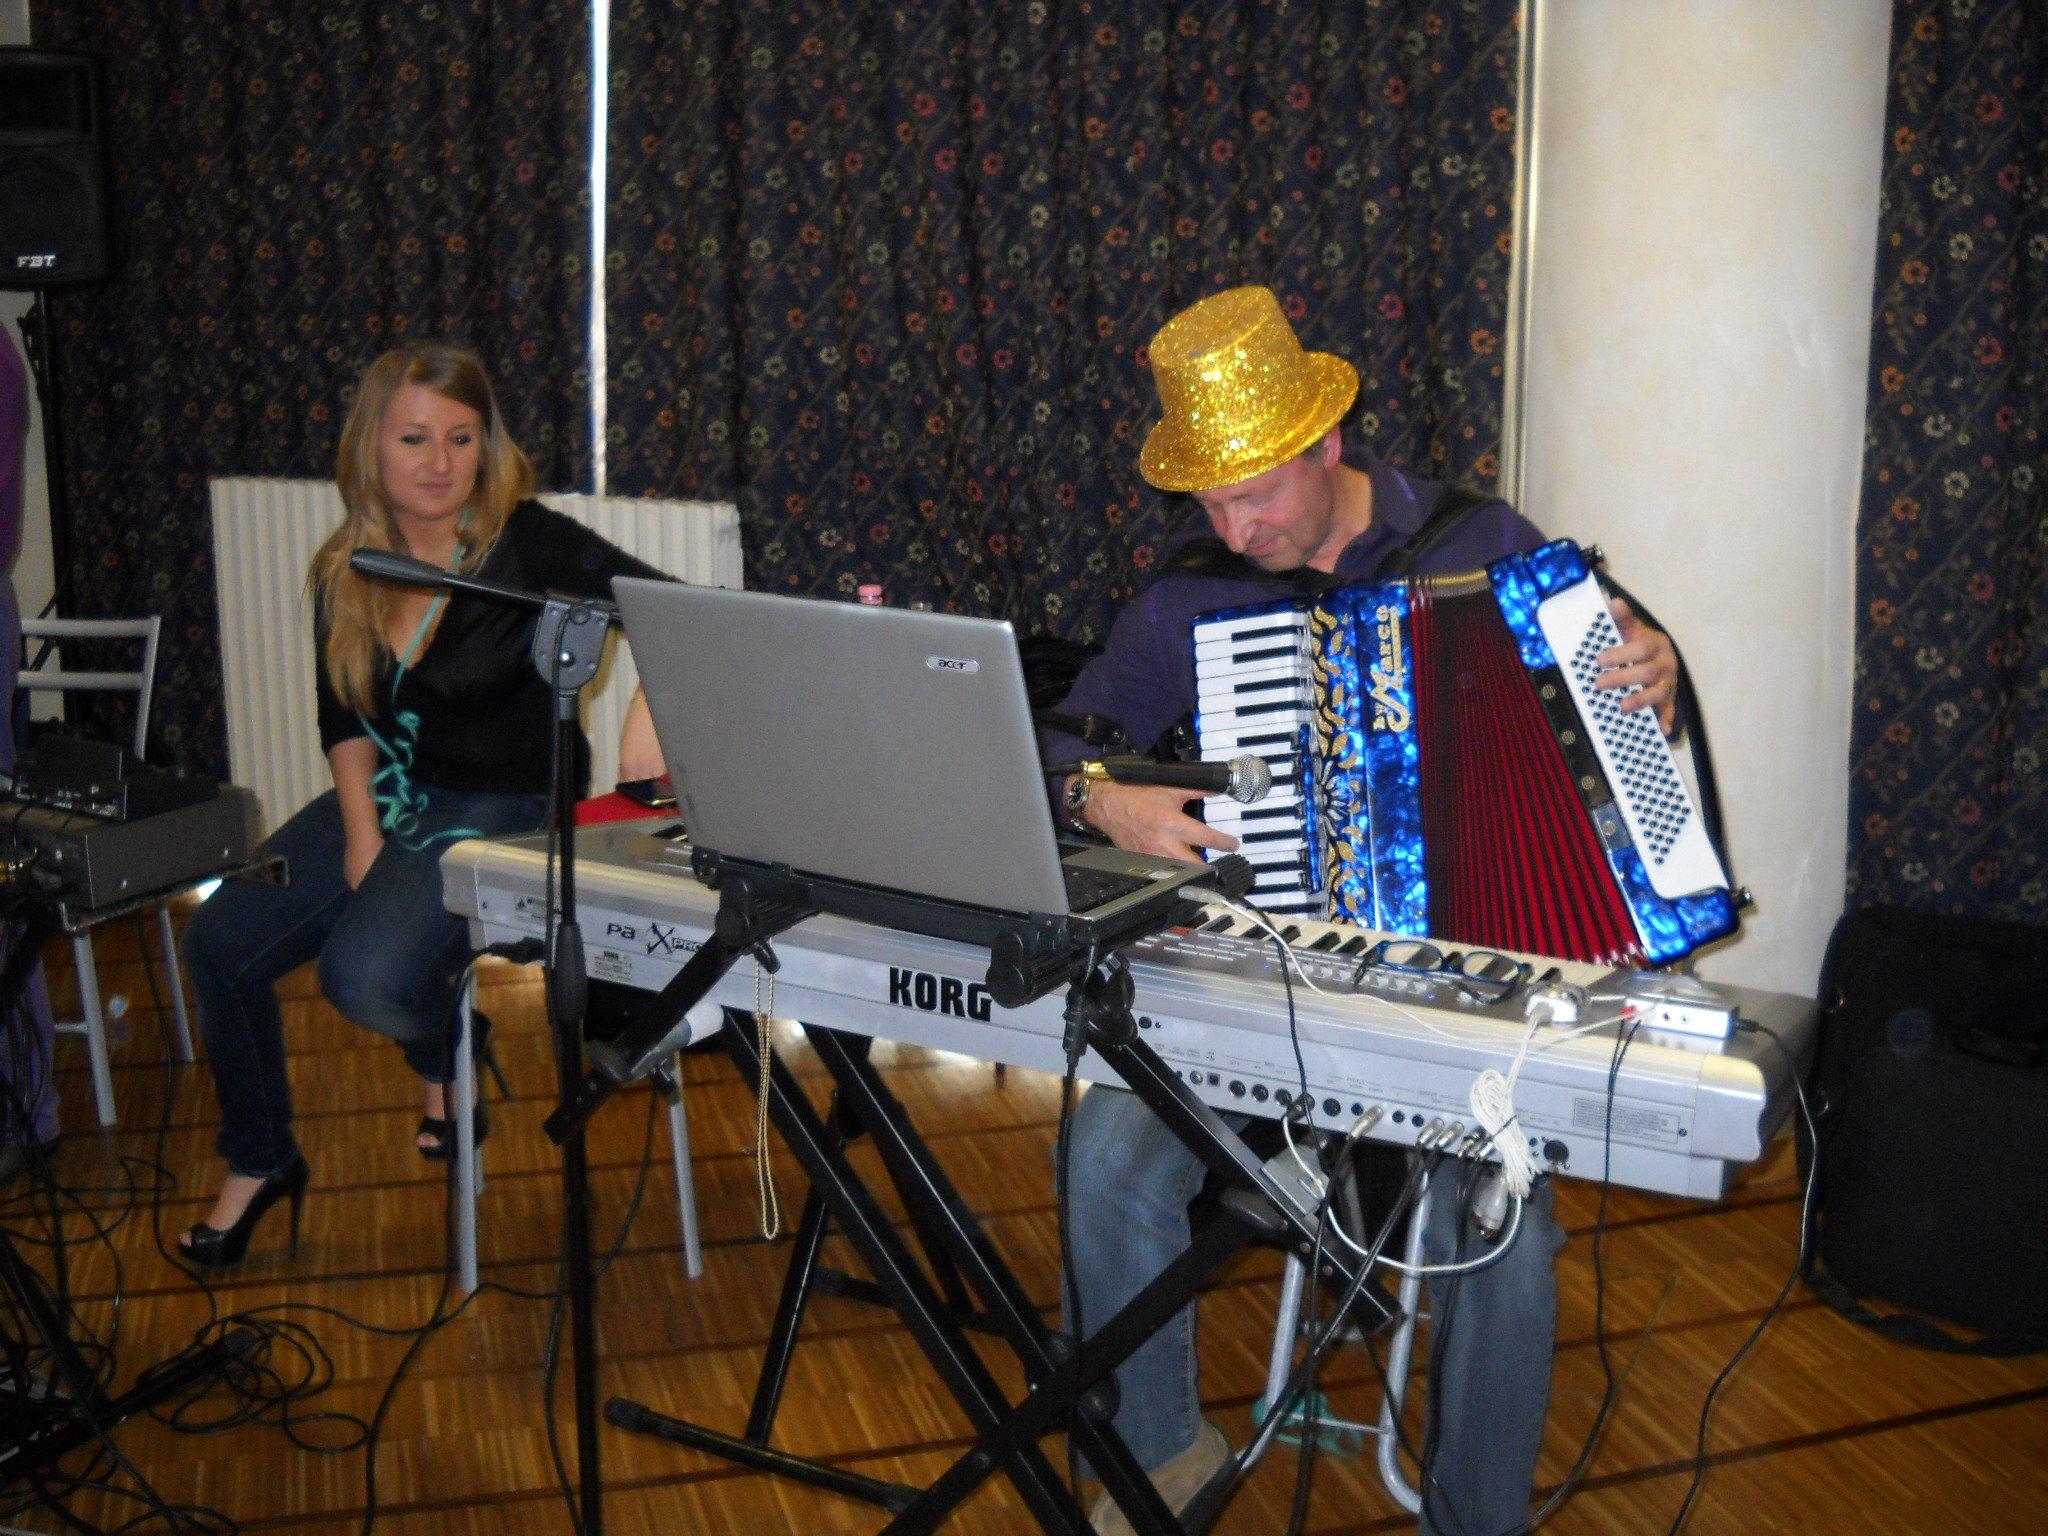 Un uomo suona la fisarmonica di fronte a una pianola e accanto una donna vicino a un microfono